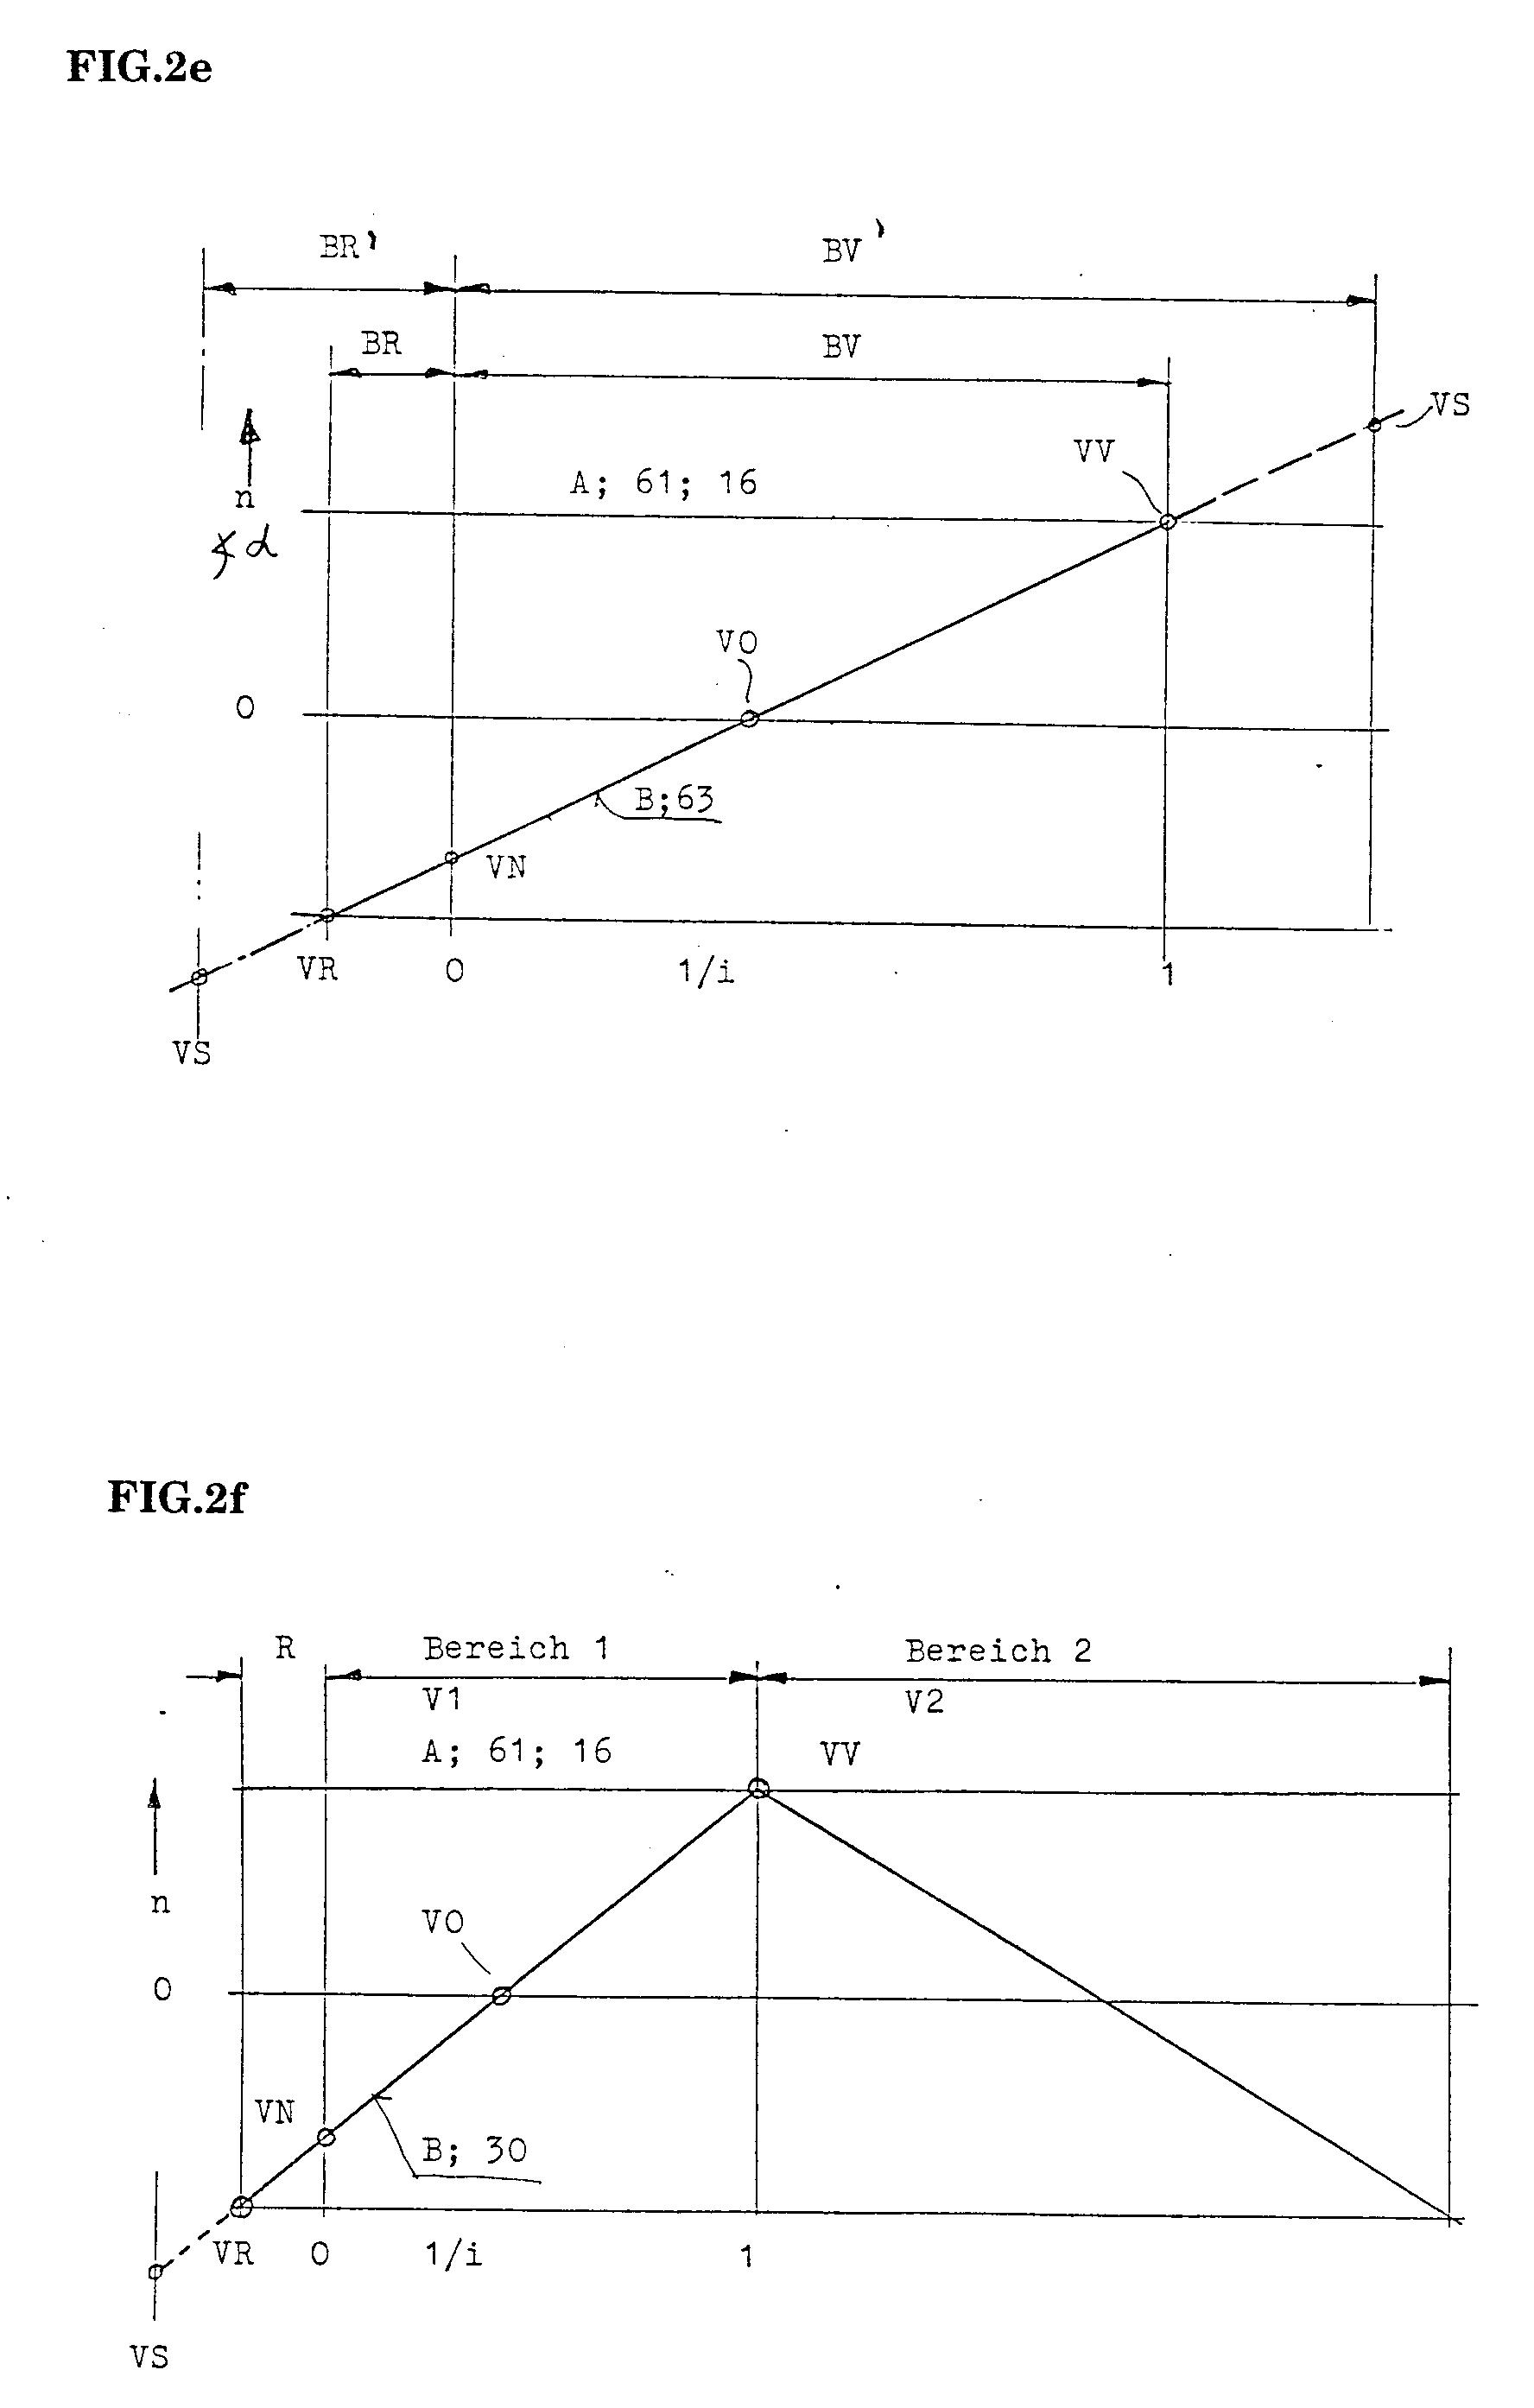 Groß Bereich Schaltplan Bilder - Schaltplan Serie Circuit Collection ...